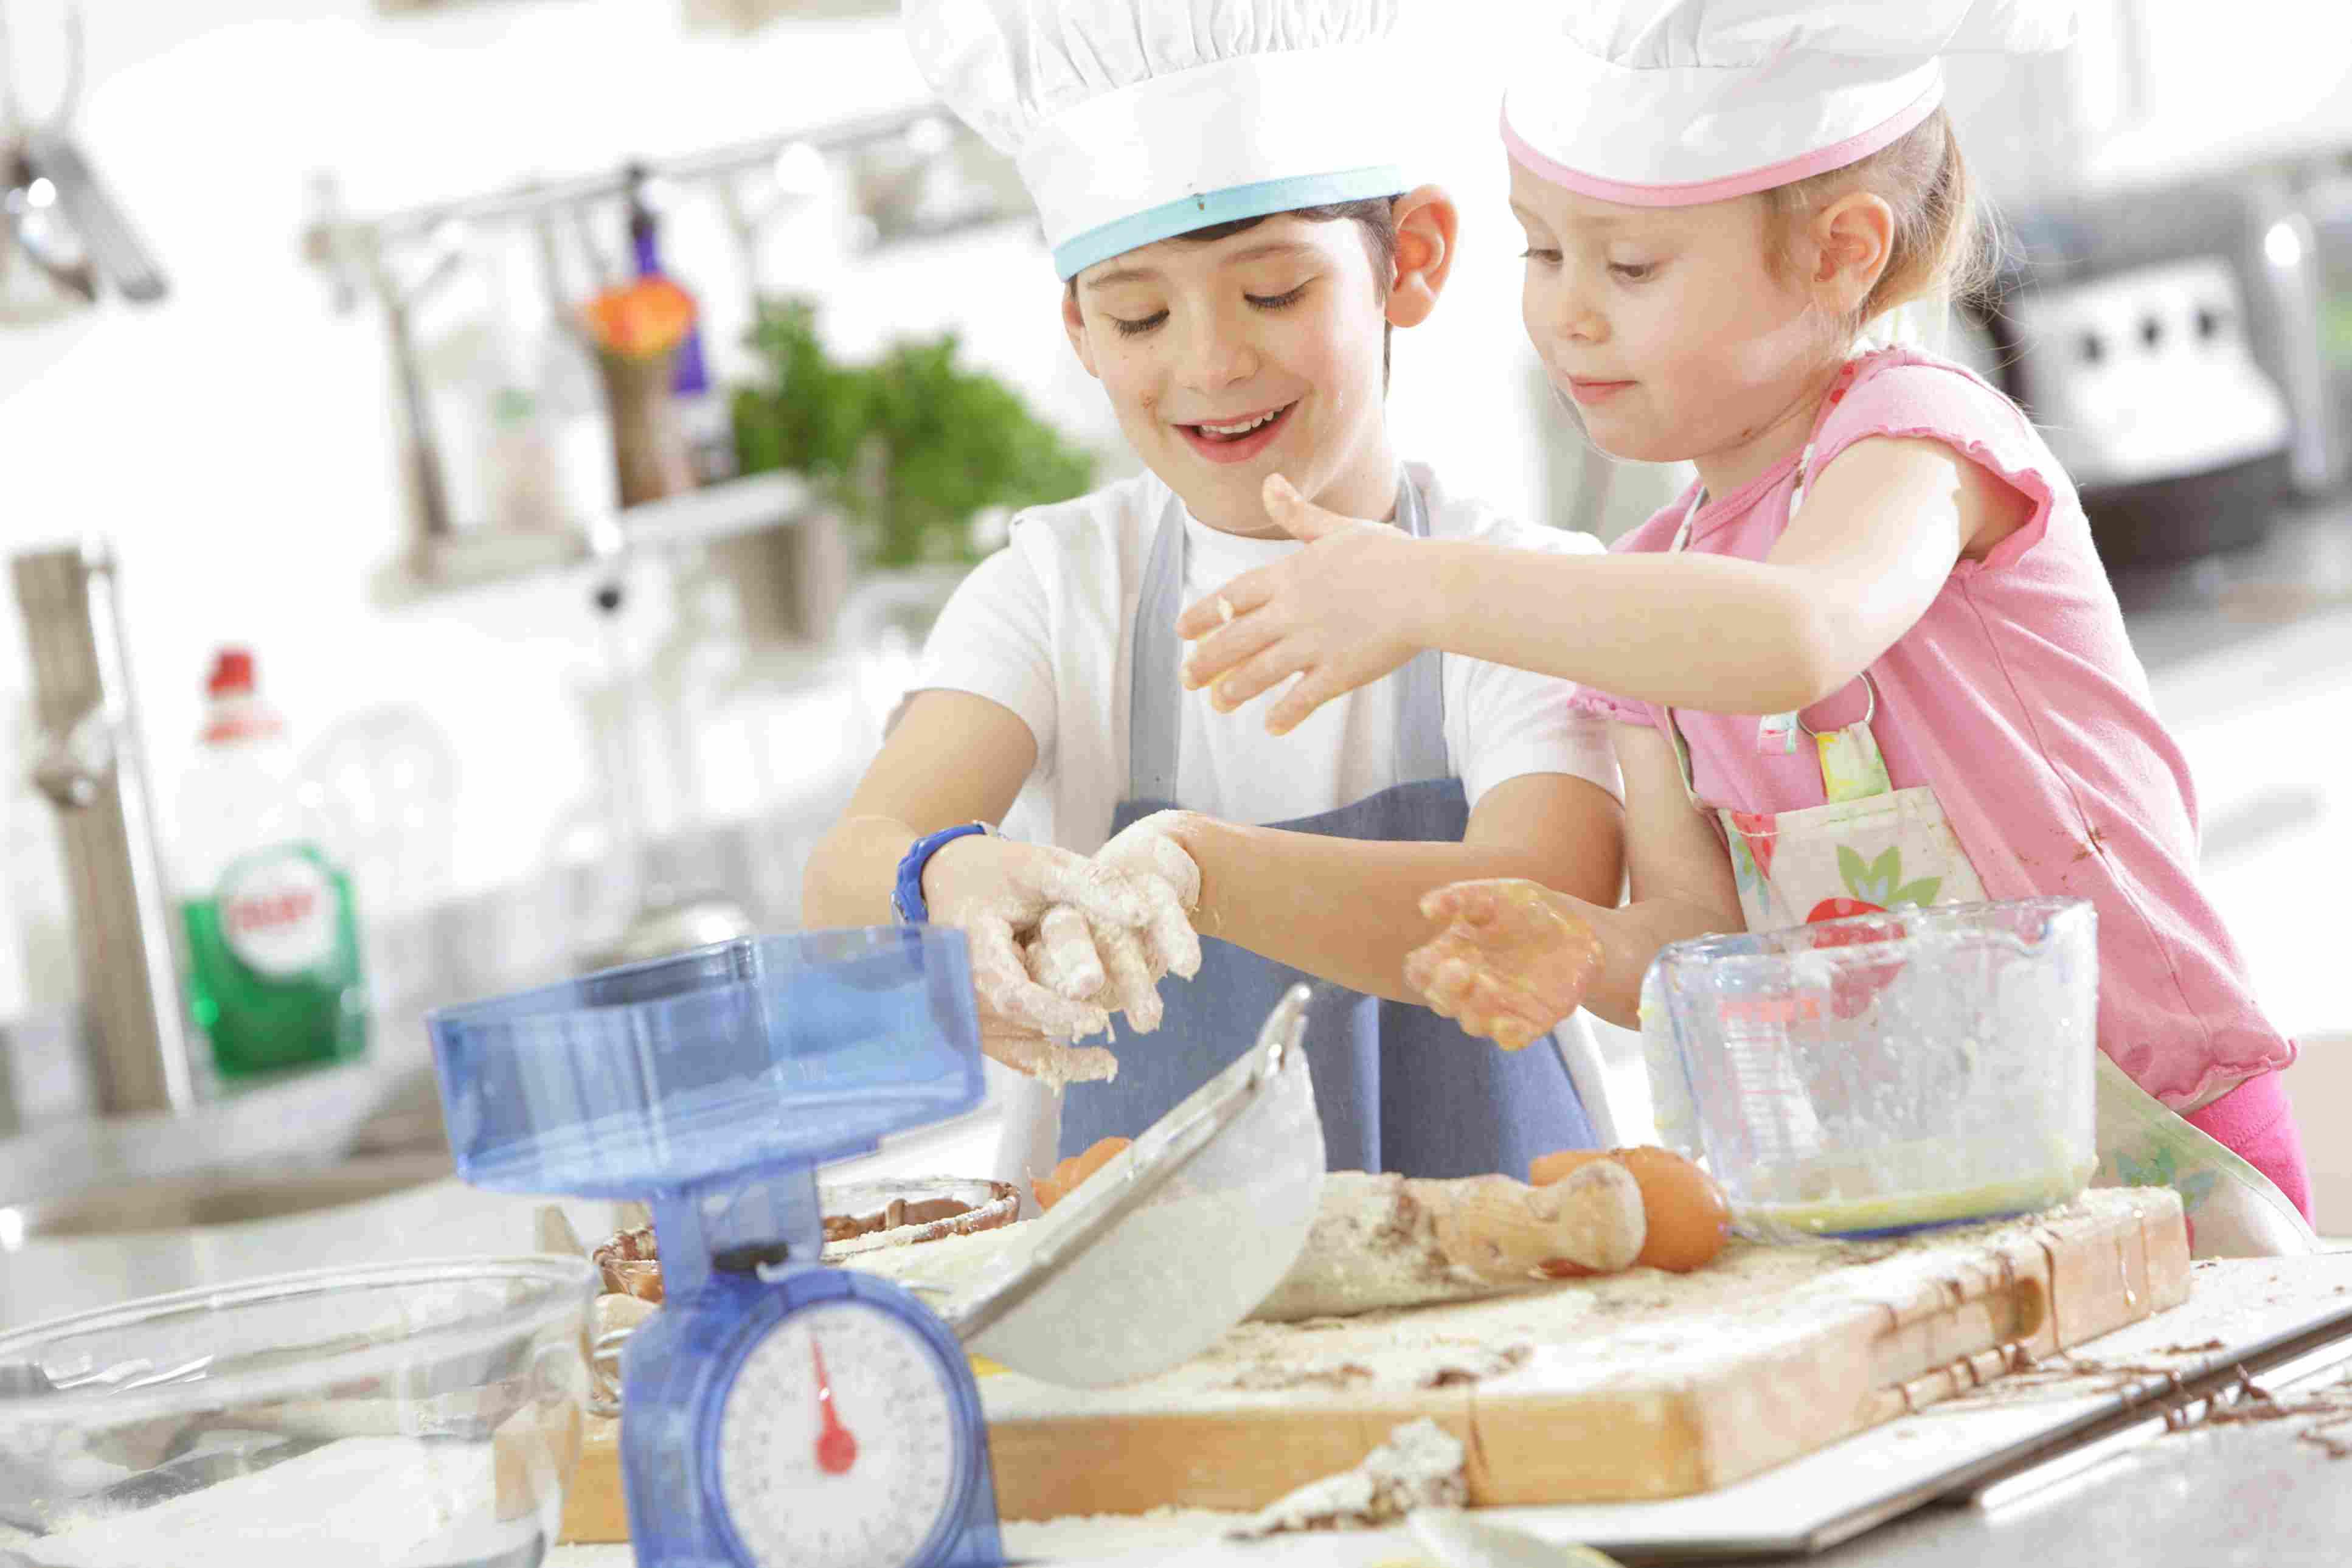 pretend play ideas - kids baking in kitchen